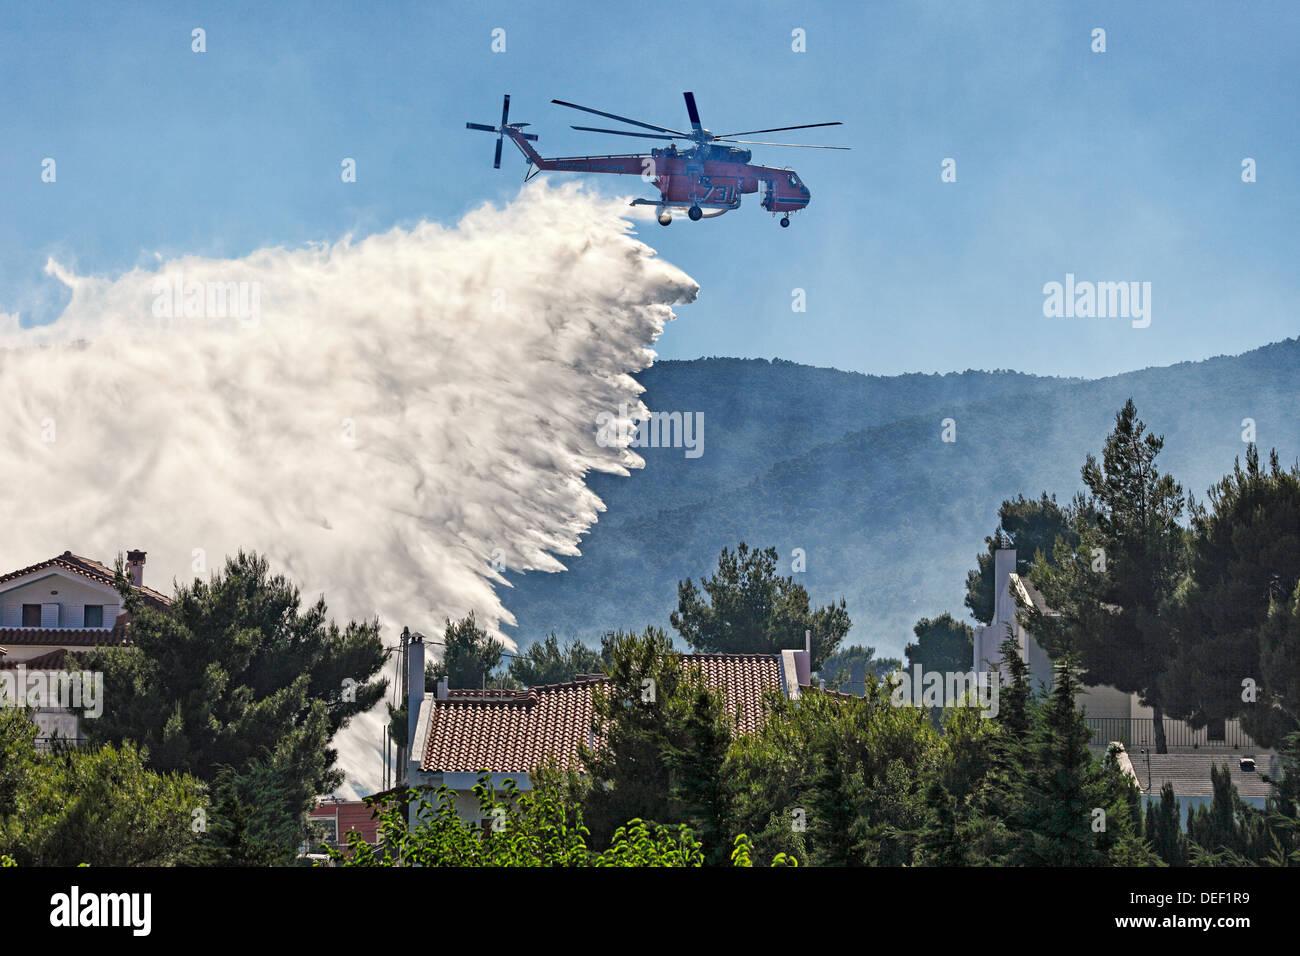 Un hélicoptère de lutte contre l'incendie éteint l'incendie plus de maisons Photo Stock